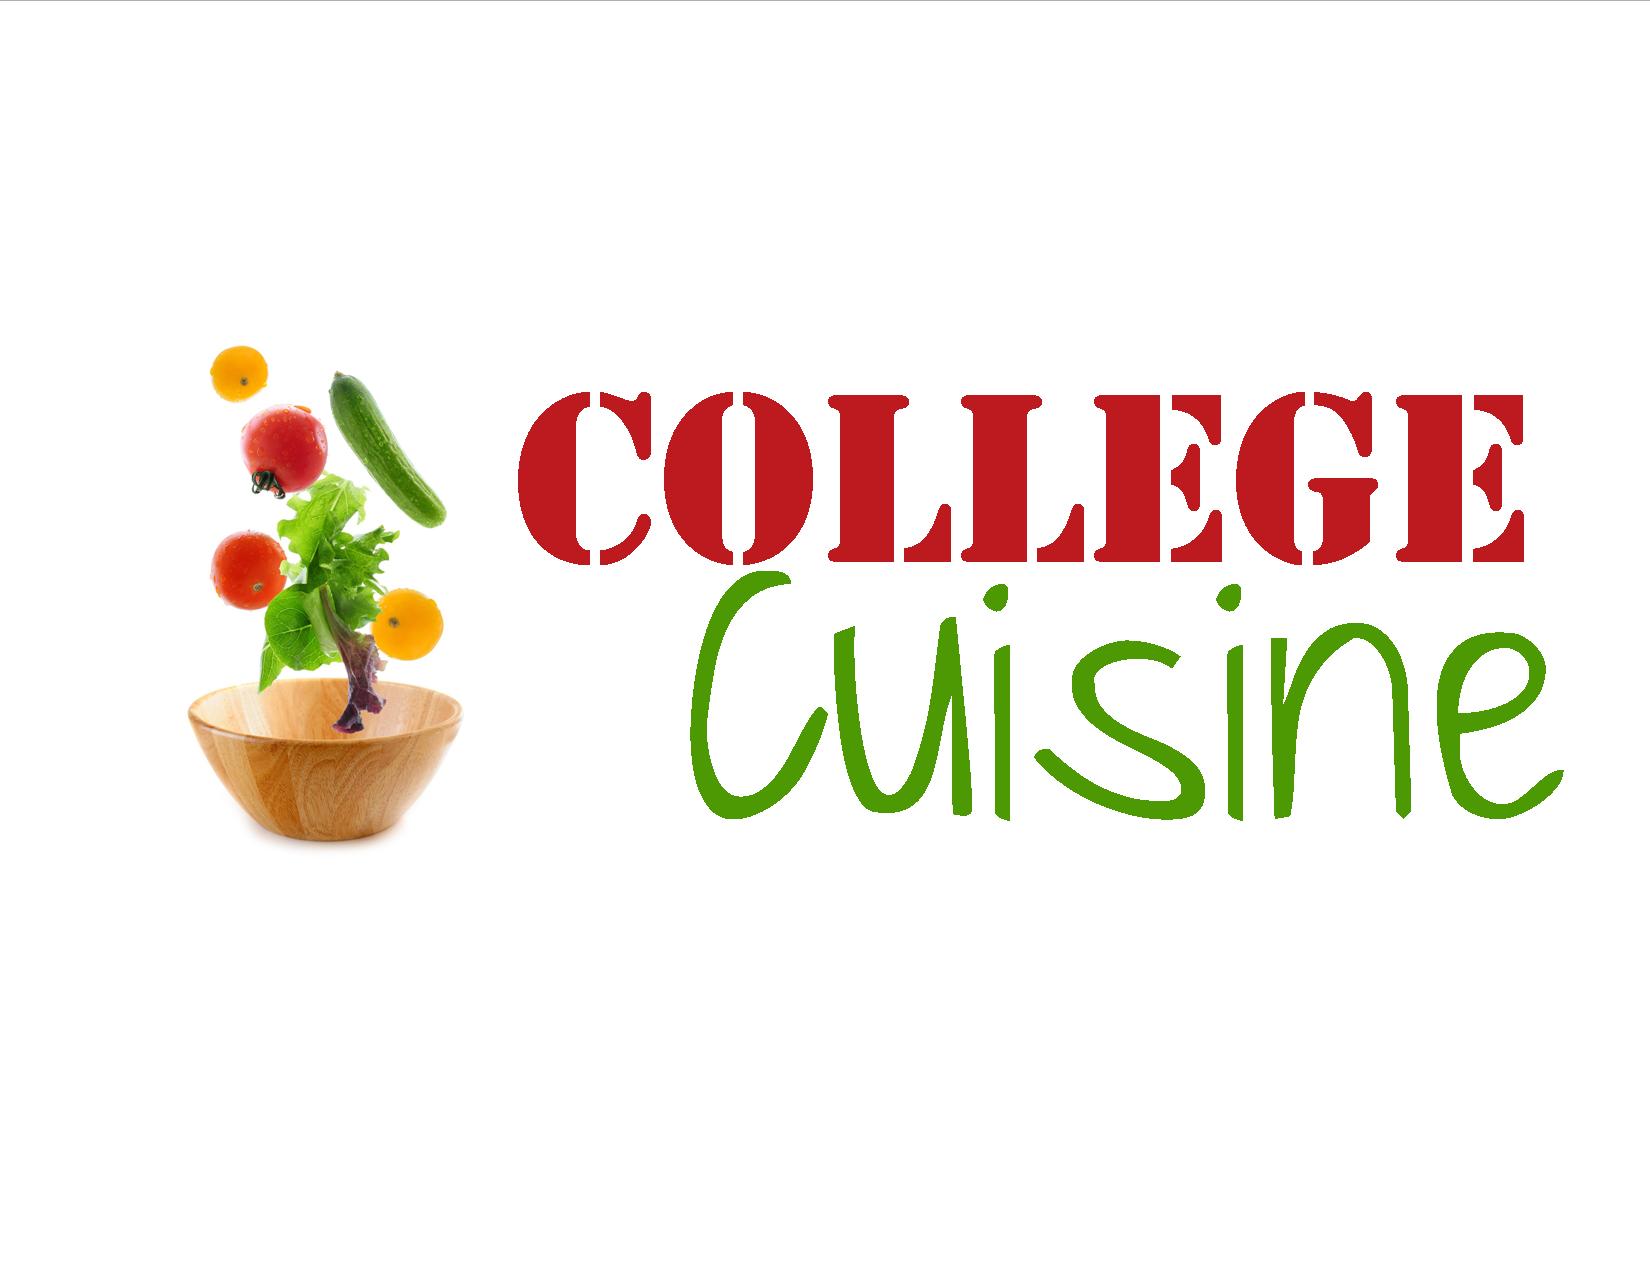 College Cuisine: Mediterranean Bowl